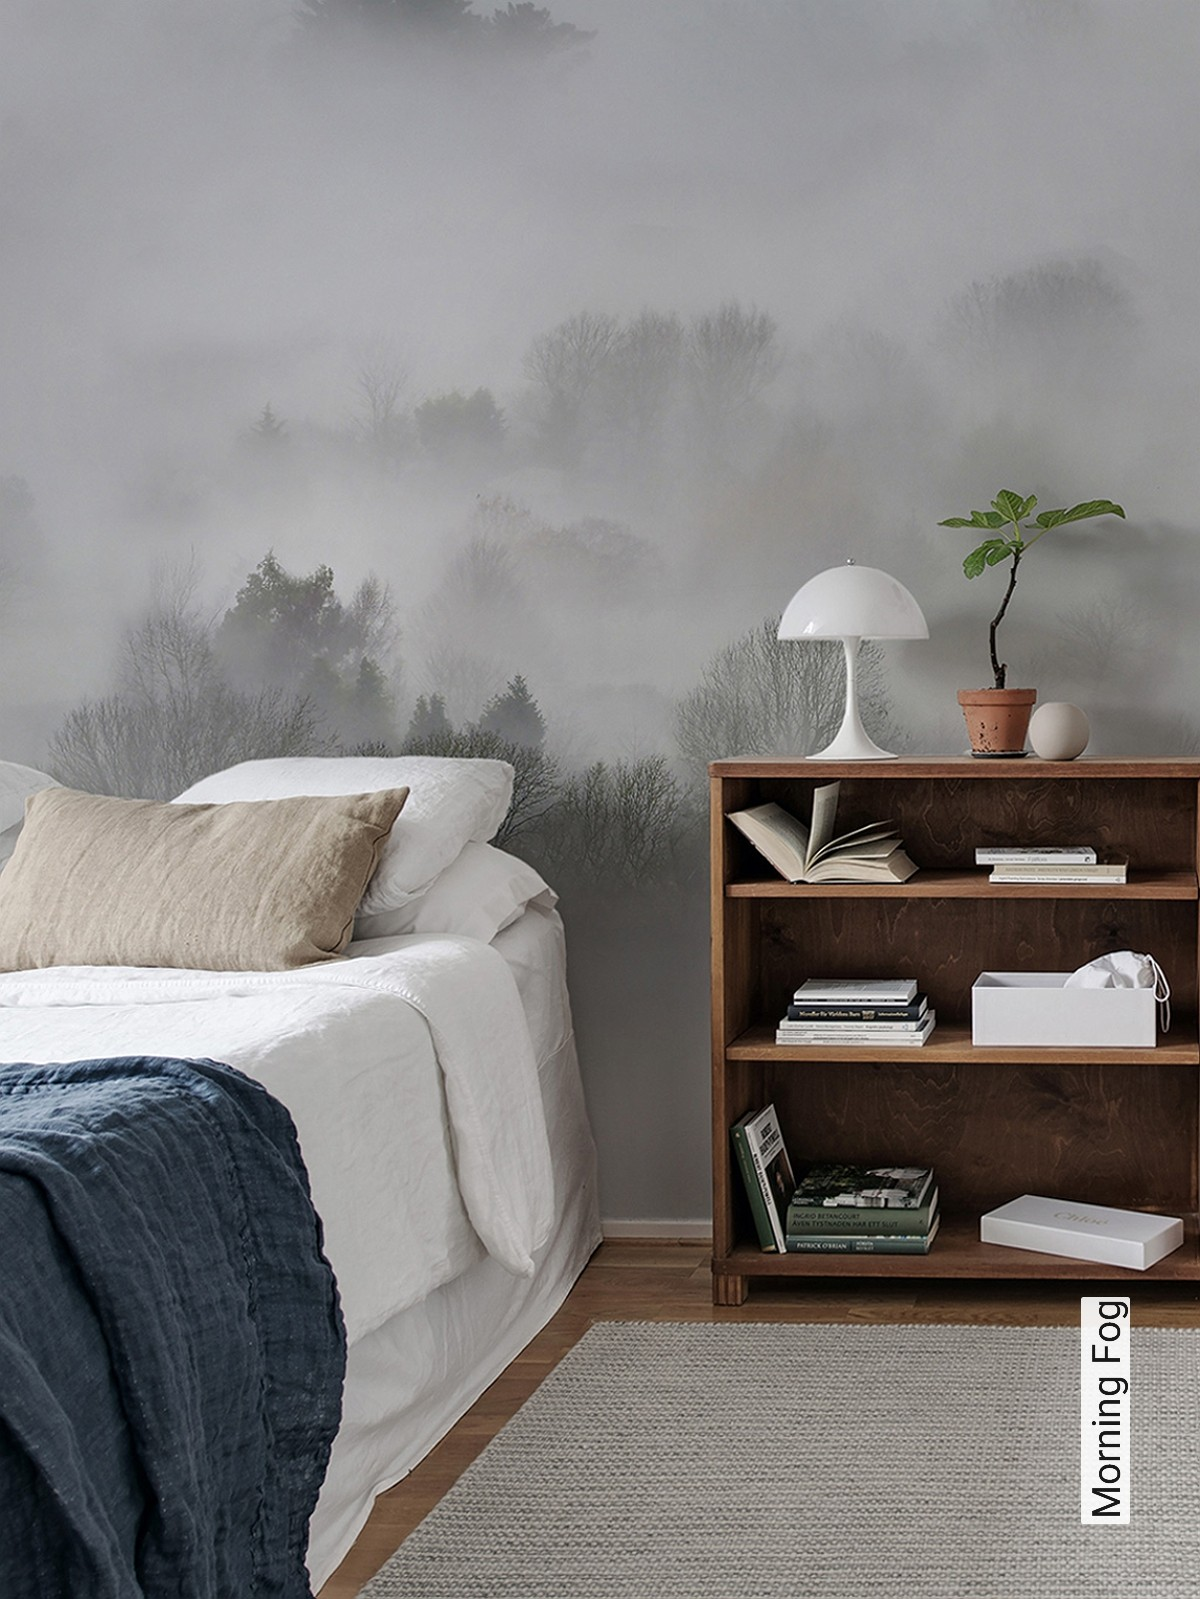 Morning Fog Bäume Landschaft FotoTapeten Anthrazit